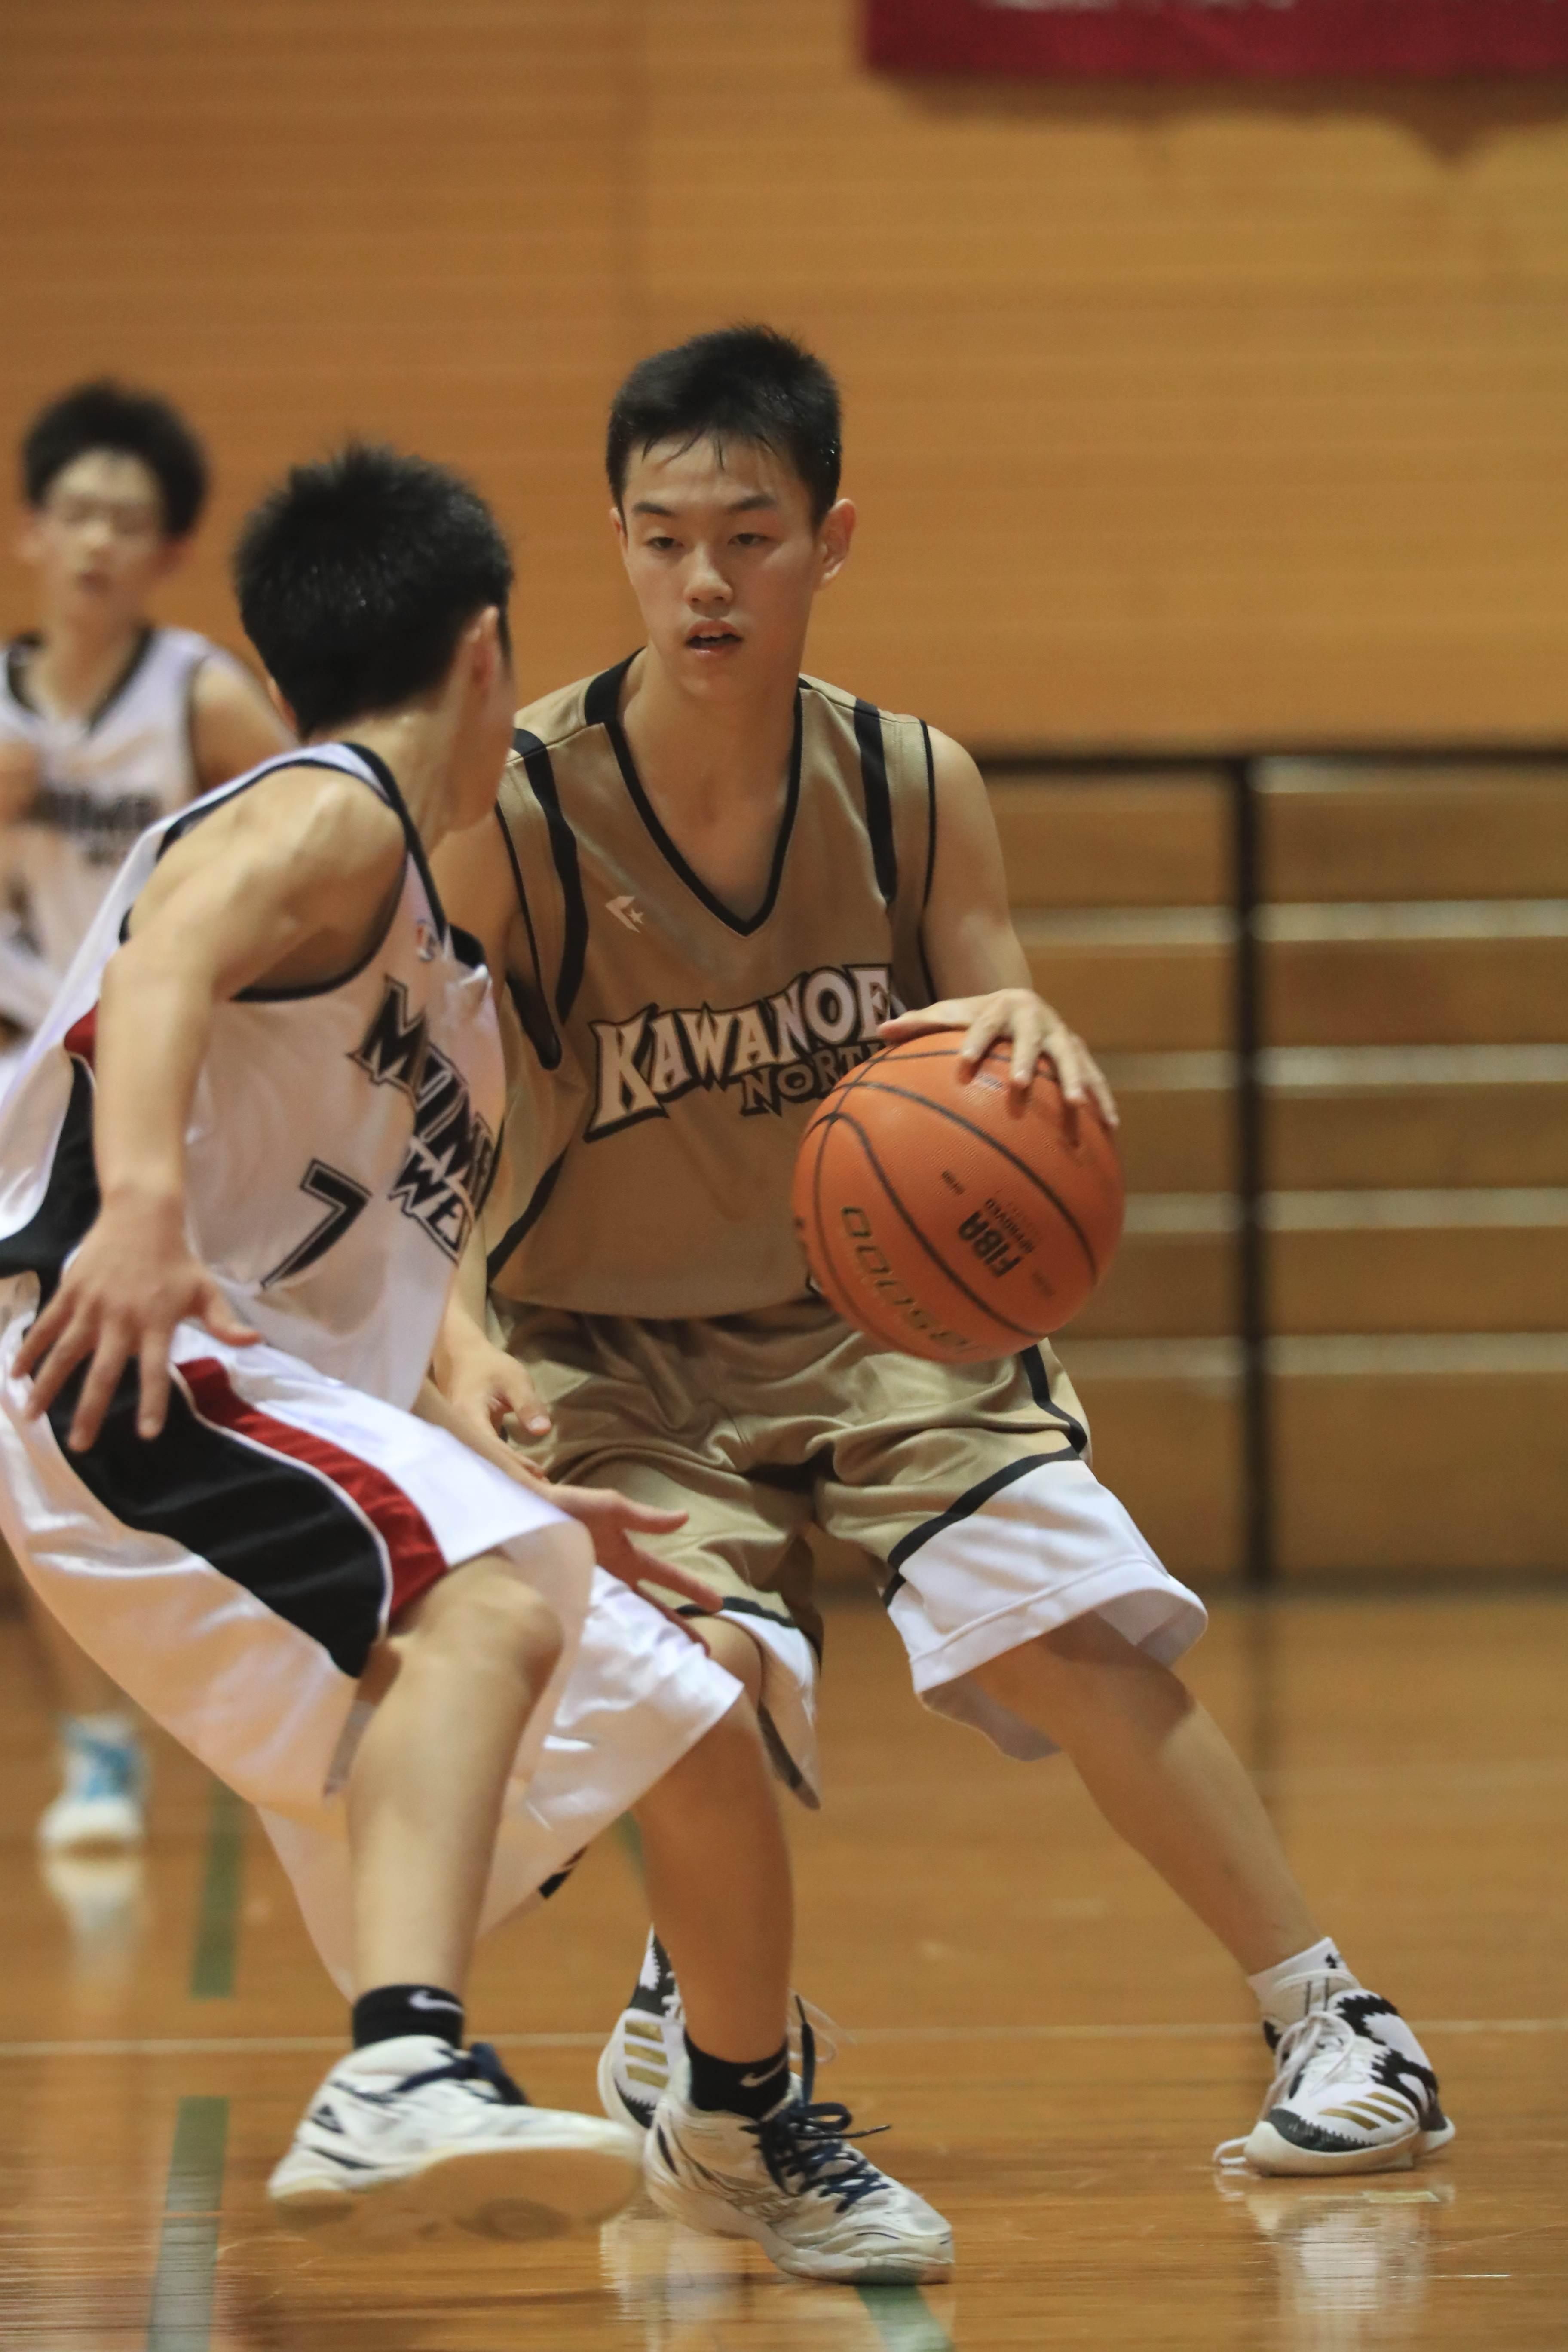 バスケットボール (26)